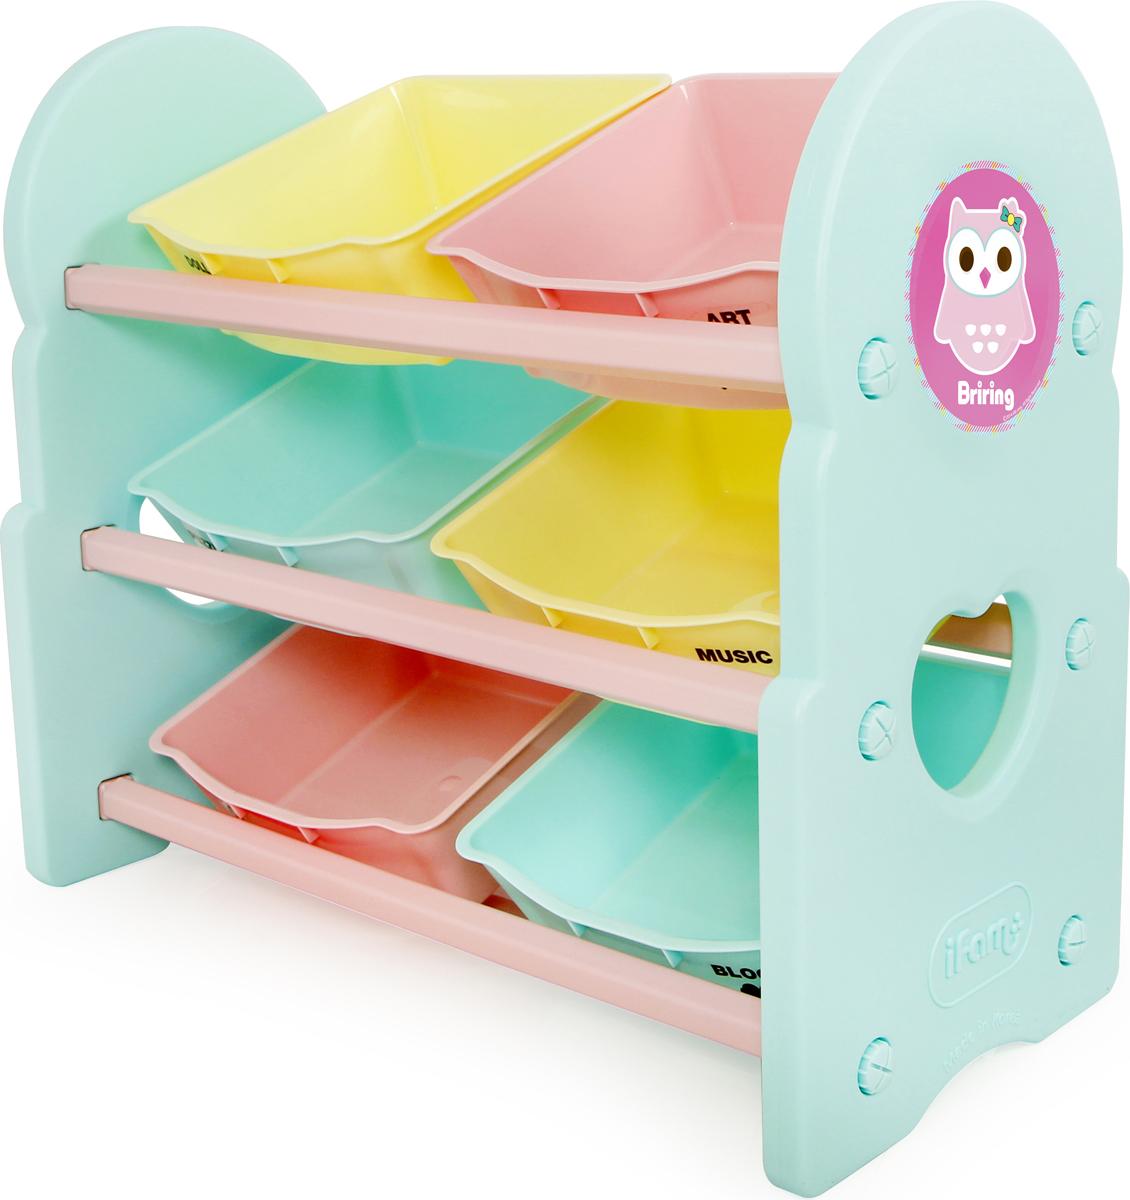 Ifam Стеллаж для игрушек Briring-3 цвет мятный ifam стеллаж для игрушек designtoy 7 цвет бежевый